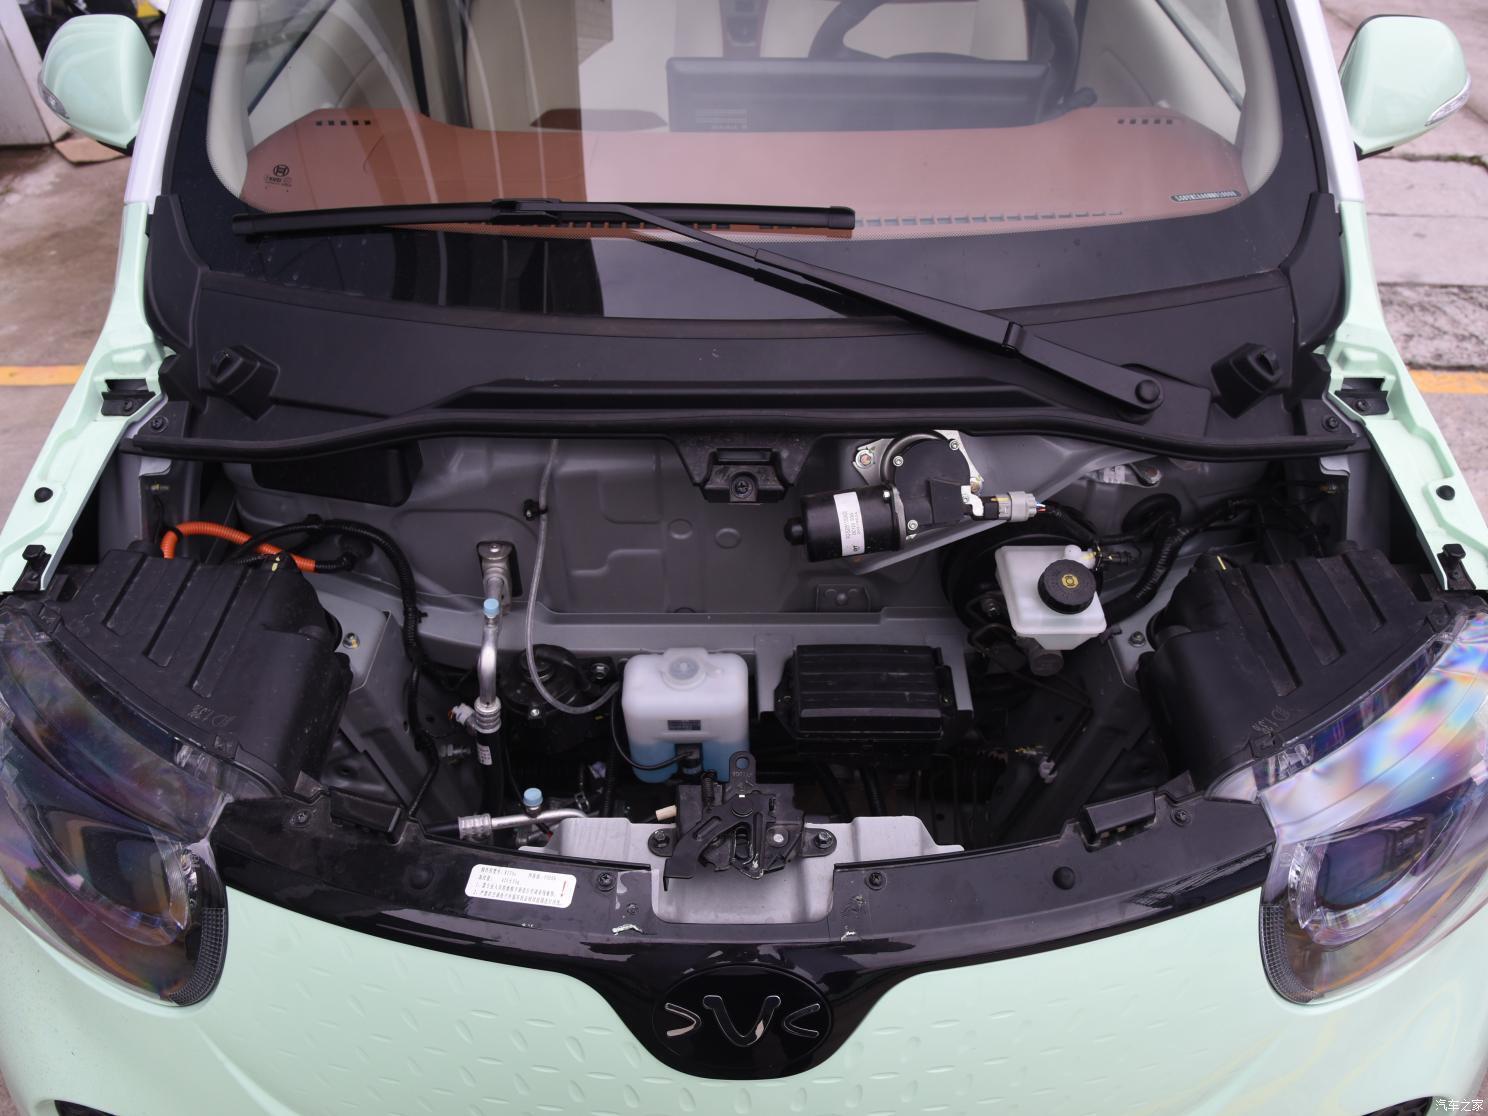 Тридверна версія оснащена електромотором потужністю 30 кВт і літій-іонною батареєю місткістю 11,8 кВтг